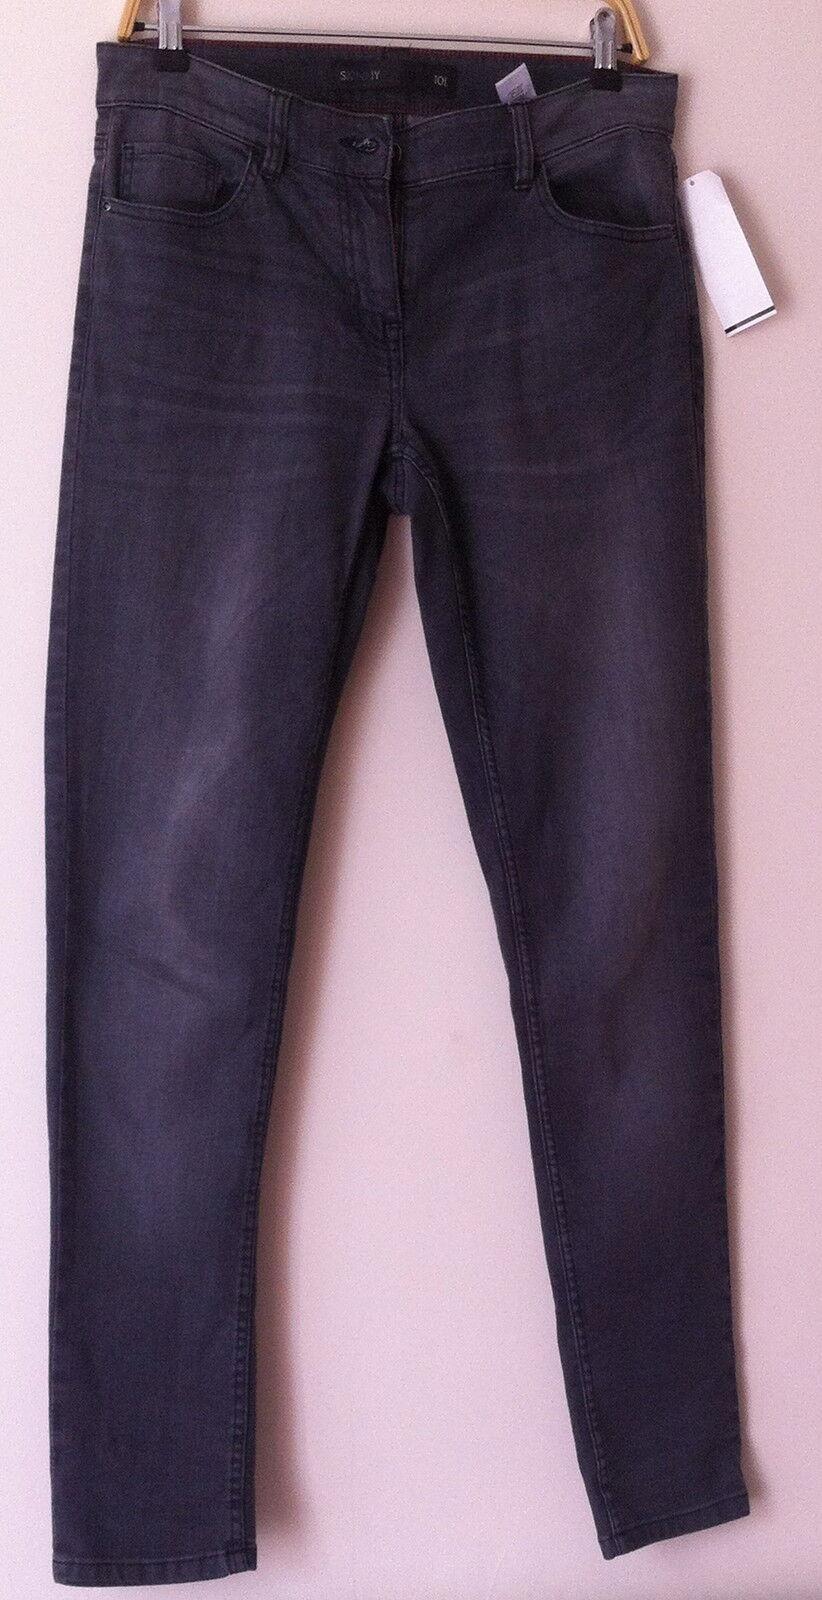 Next BNWT grau grau grau Skinny Stretch Jeans Größe 10 - 12 Long | Ab dem neuesten Modell  | Kompletter Spezifikationsbereich  | Deutschland Frankfurt  | Perfekte Verarbeitung  | Fein Verarbeitet  ad41cf